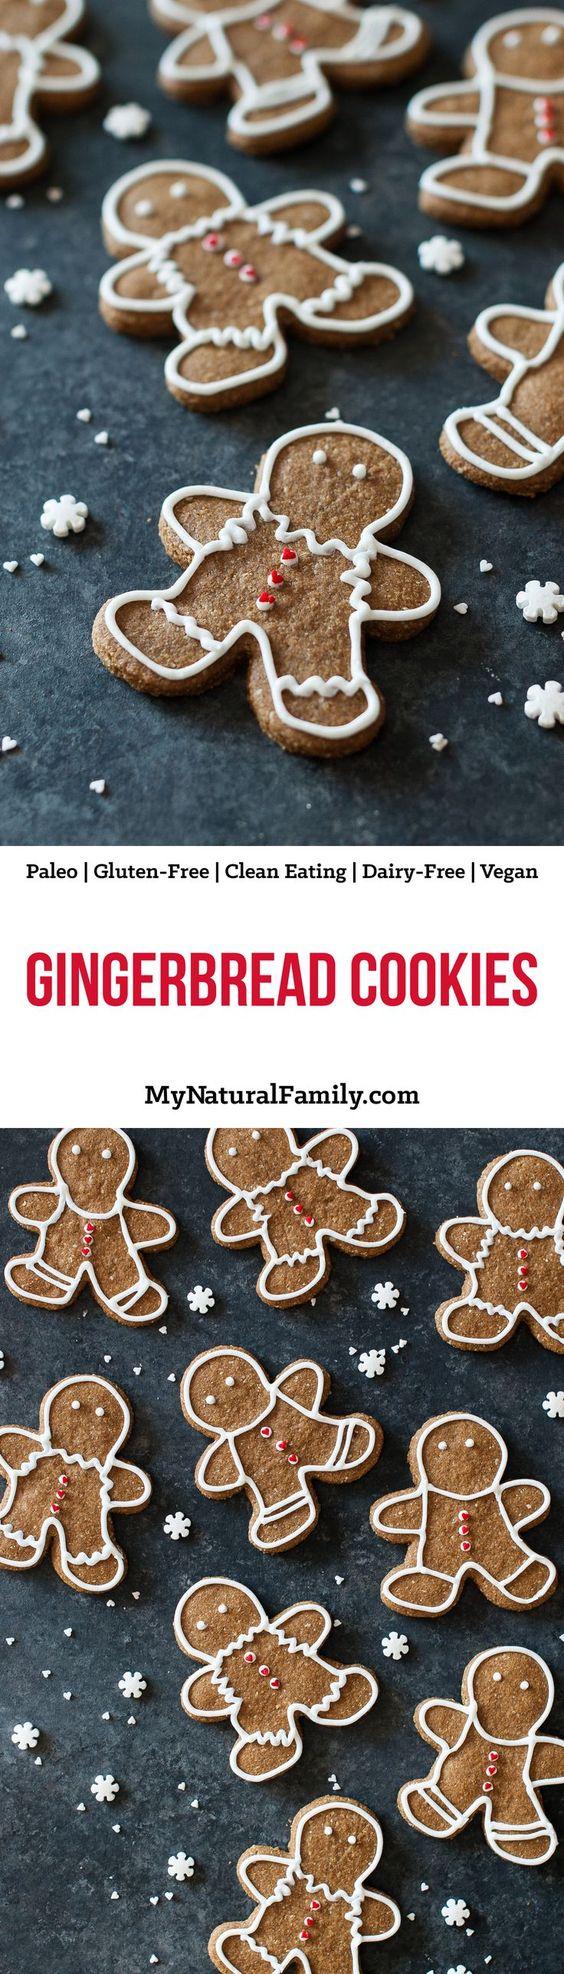 ginger-bread-cookies-paleo-vegan-gluten-free